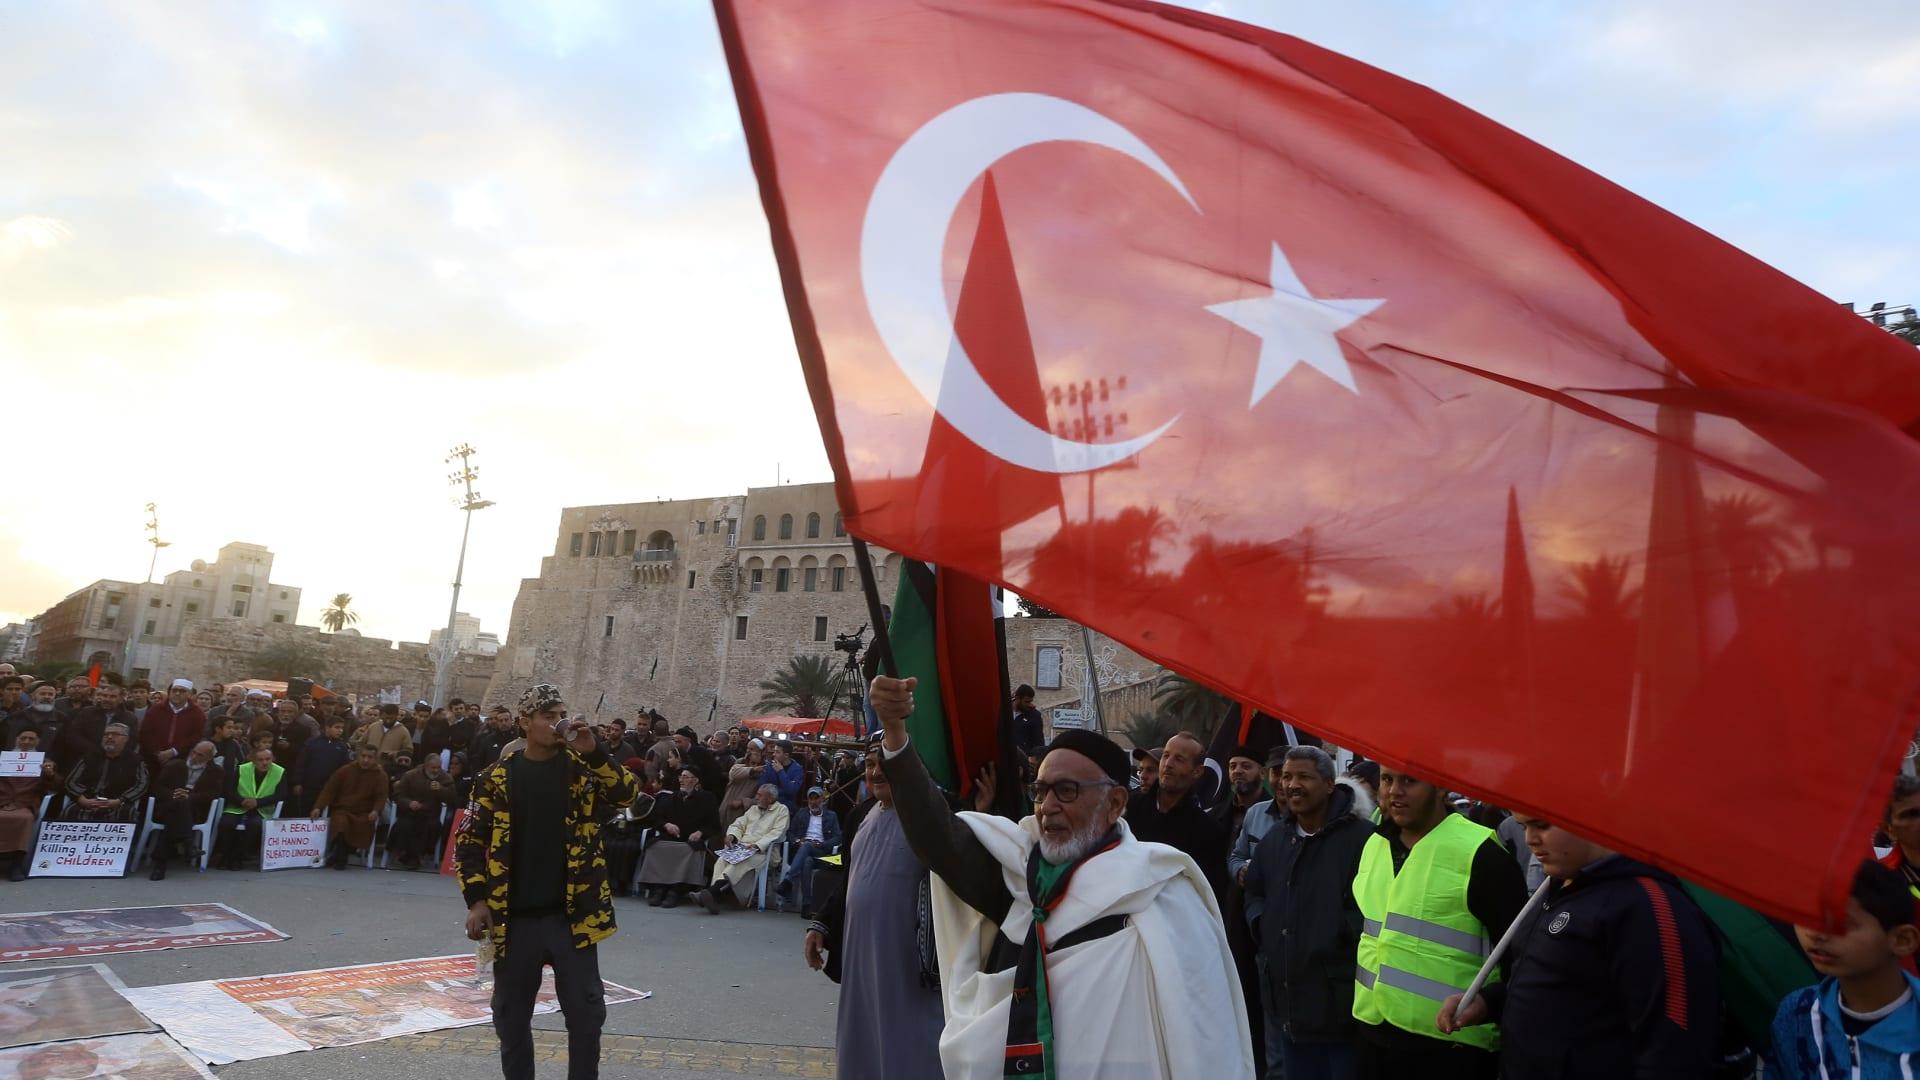 """تركيا ترد على احتجاز قوات حفتر لسفينة تابعة لها وتُحذر من """"عواقب وخيمة"""""""